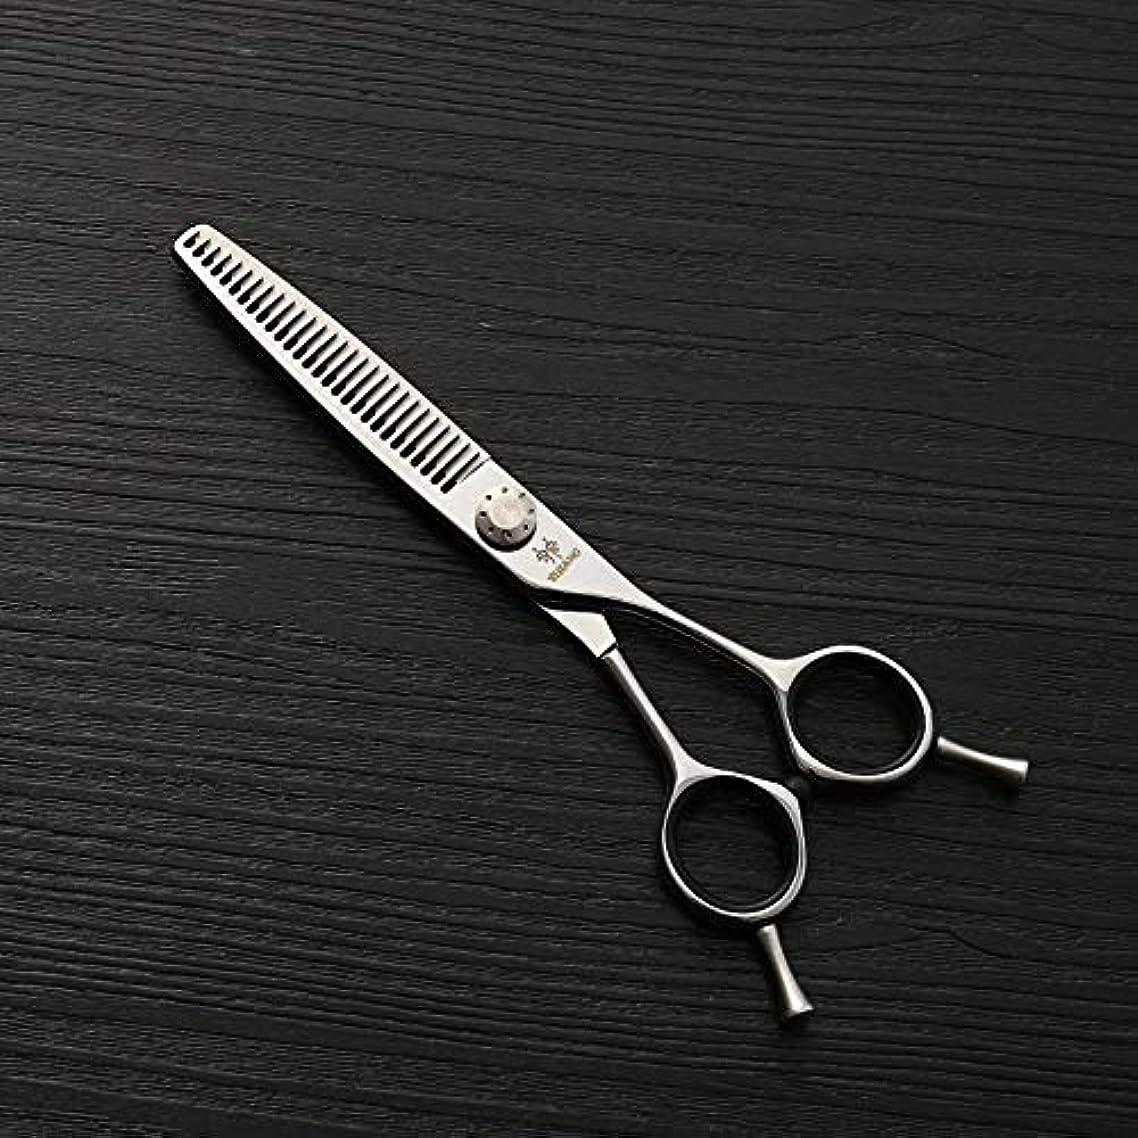 スプリット部屋を掃除するスマートHOTARUYiZi 散髪ハサミ カットバサミ 耐久性 プロ 散髪はさみ ヘアカット セニング すきバサミ カットシザー 品質保証 美容院 専門カット 二重尾釘 6インチ 髪カット (色 : Silver)